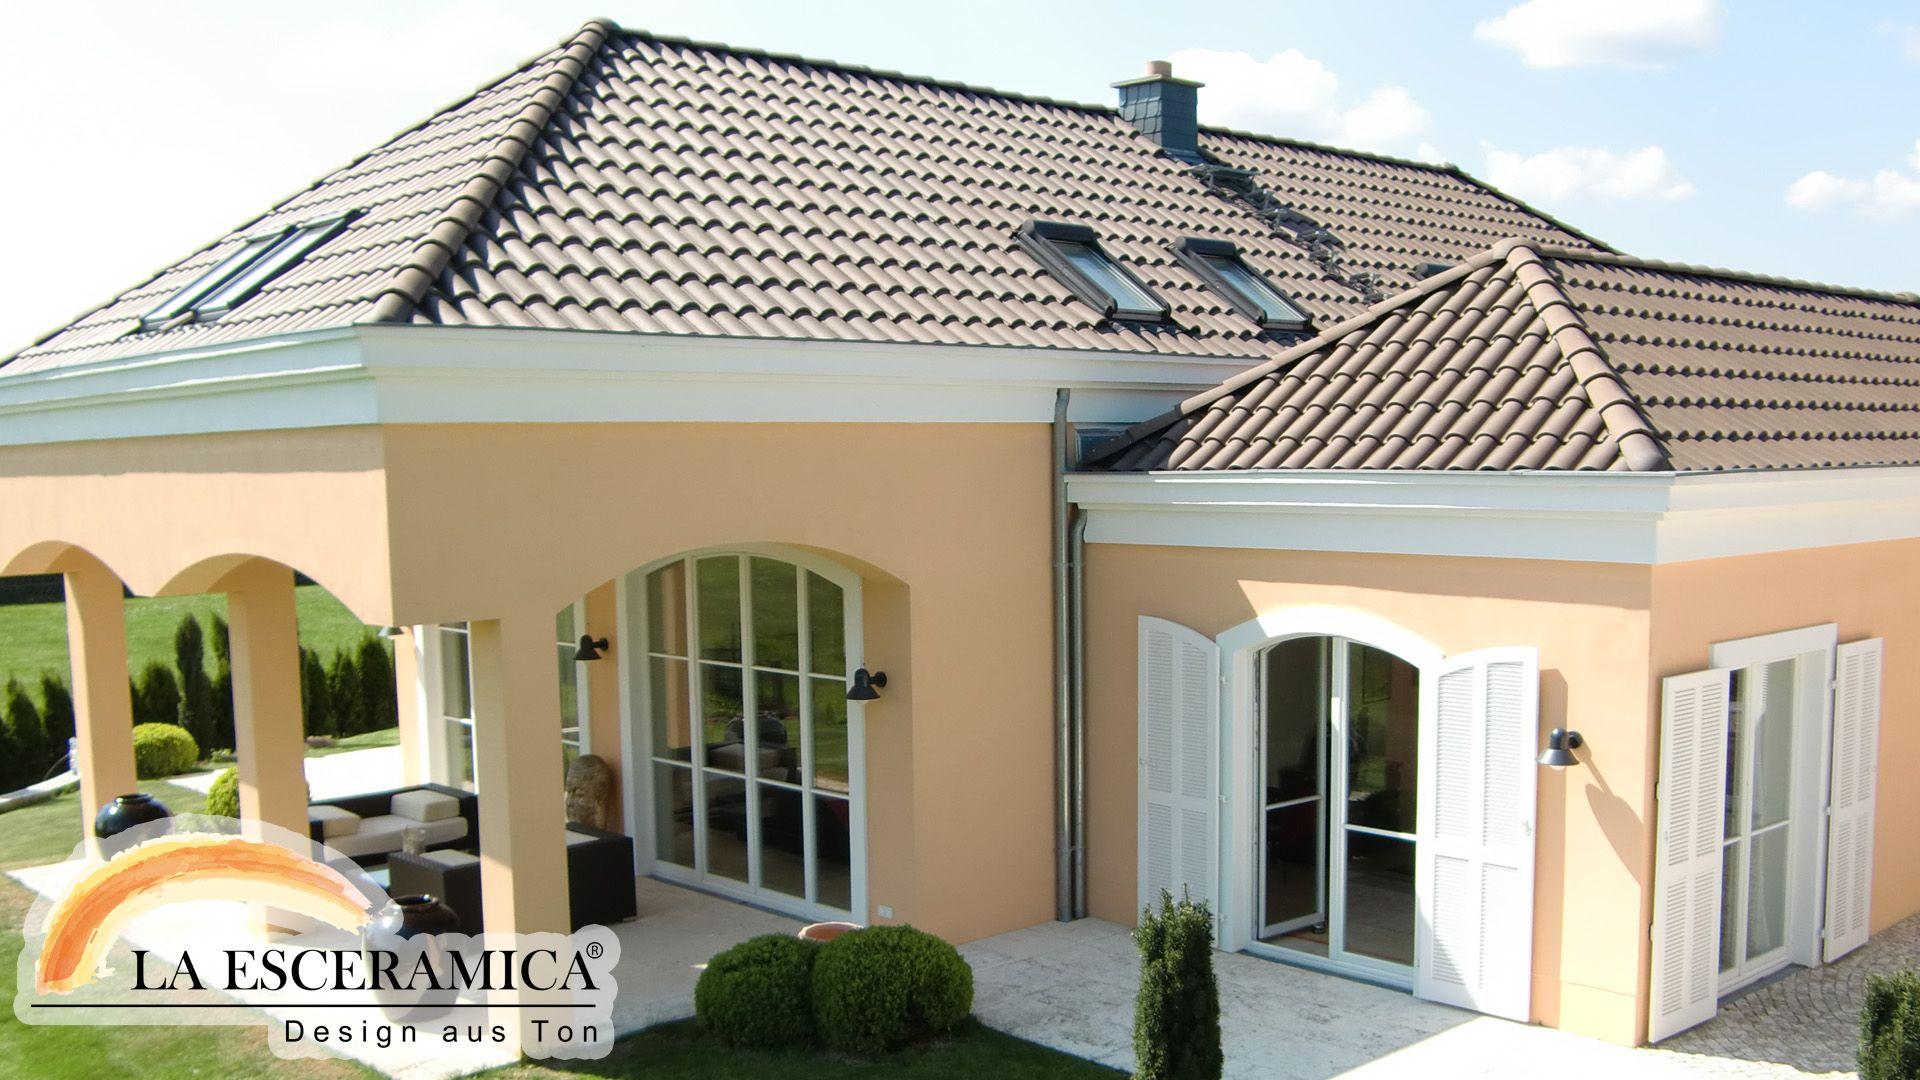 Delightful La Esceramica Dachziegel Farbe Braun